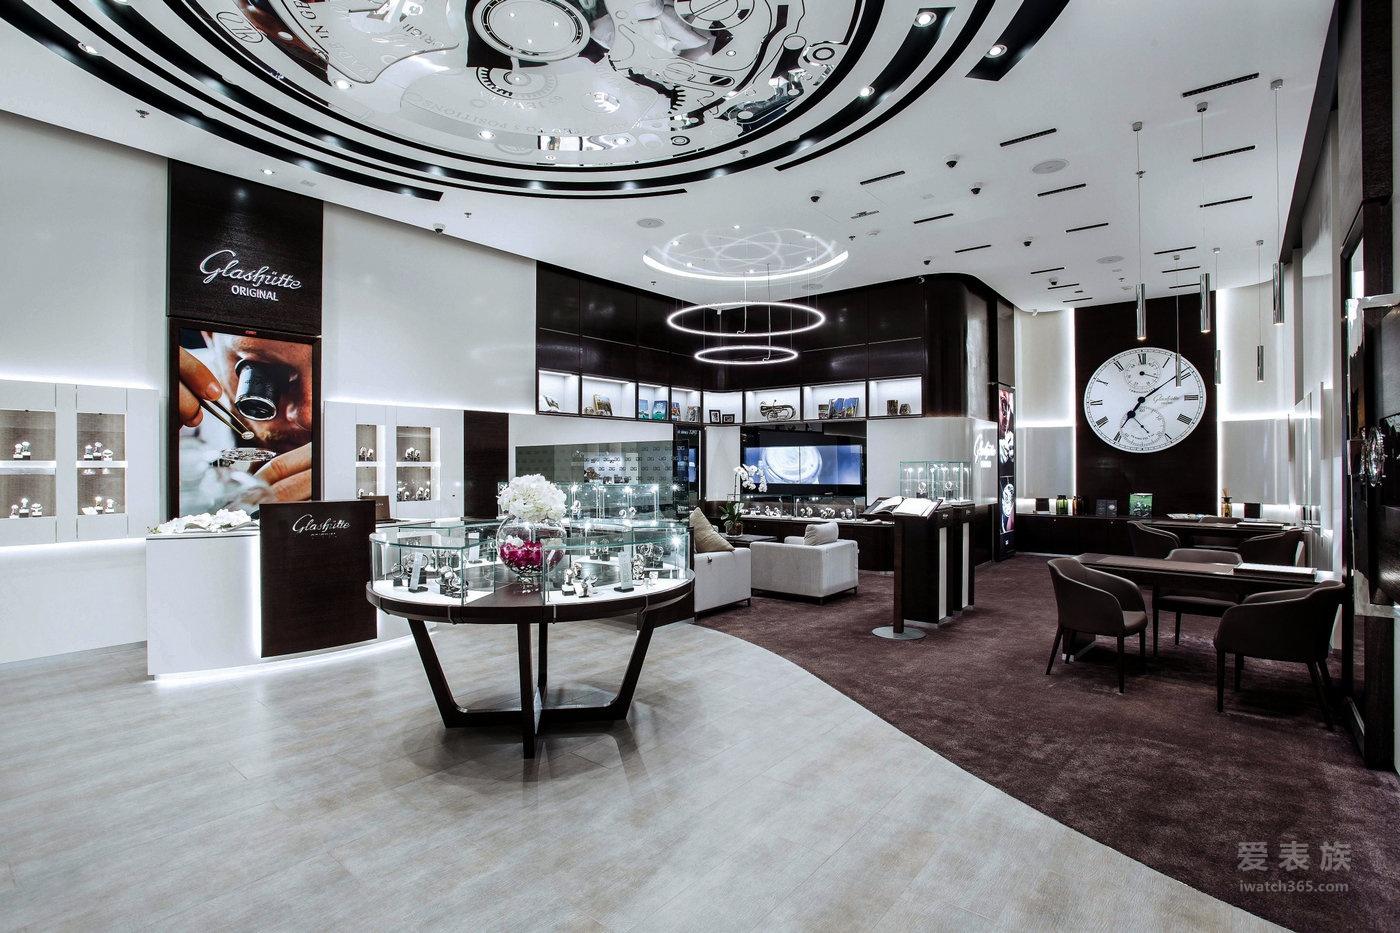 格拉苏蒂原创迪拜专卖店重装揭幕 卓越德国制表艺术闪耀阿联酋